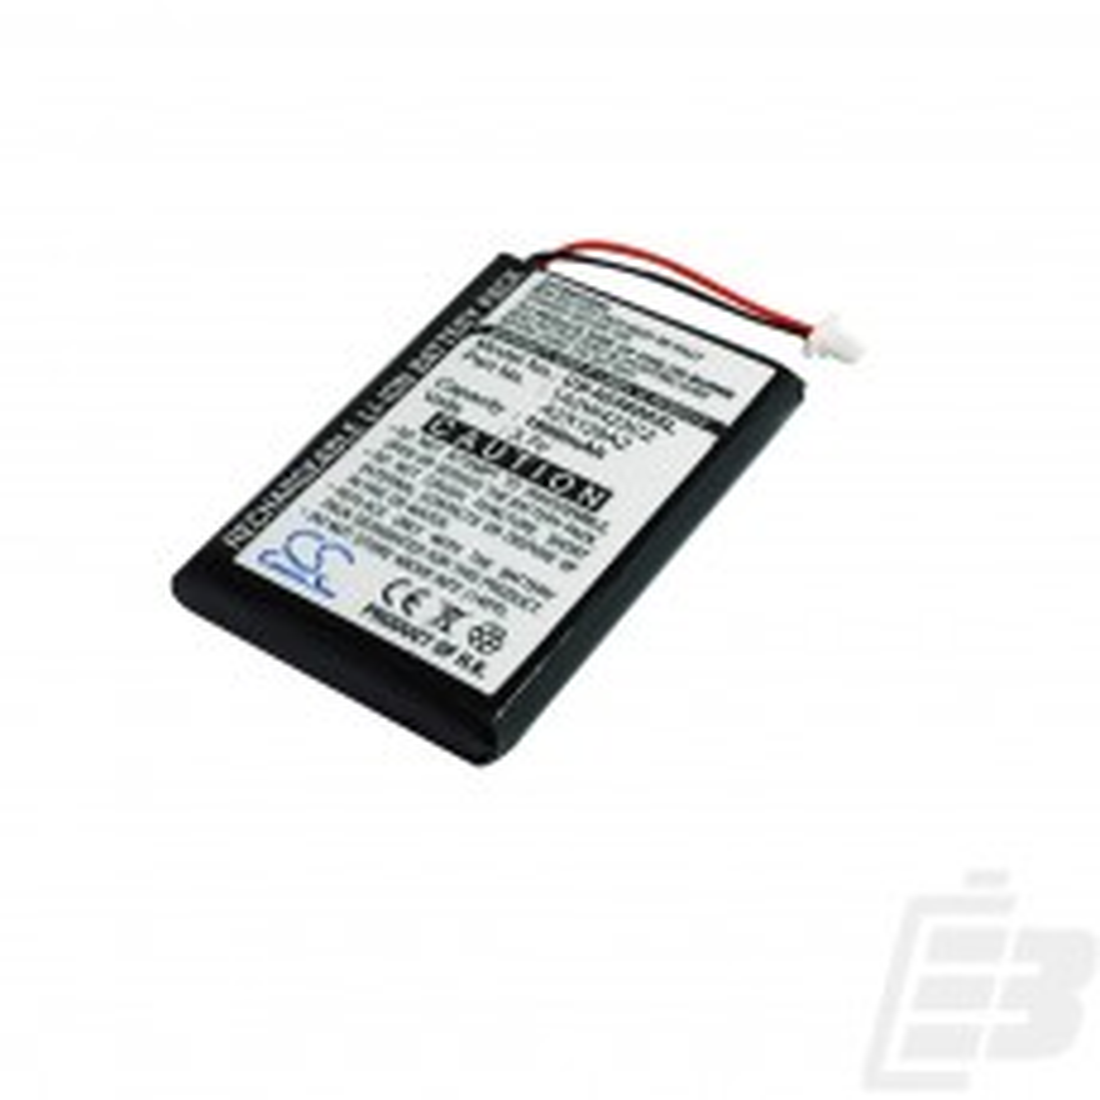 Μπαταρία GPS Garmin iQue 3600_1